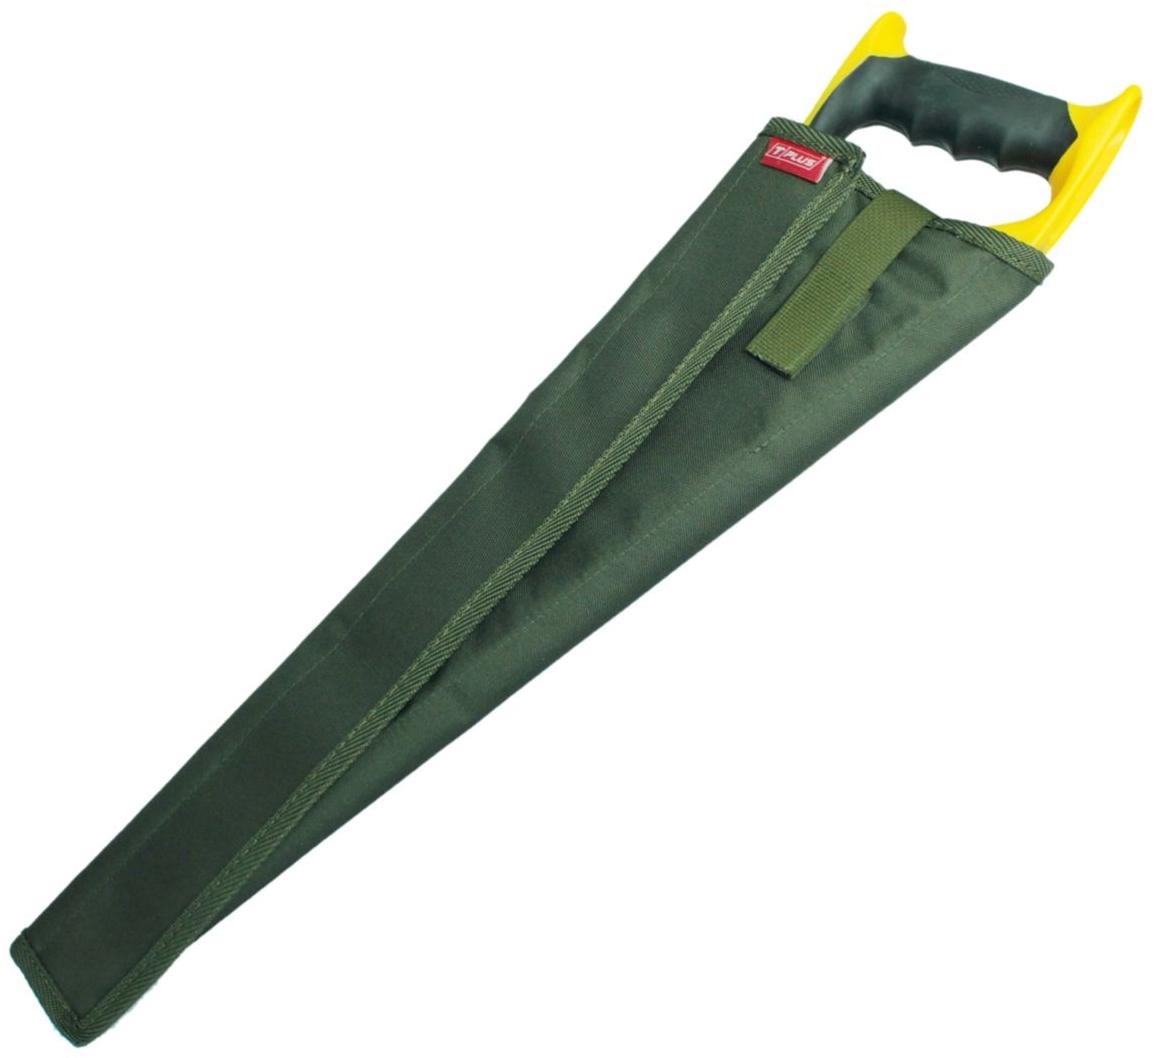 Чехол для ножовки Tplus, кордура 900, цвет: темно-зеленый, 35 смT014716Чехол для ножовки удобная и полезная вещь. Благодаря ему можно положить ножовку в сумку или рюкзак без какого-либо ущерба. Чехол является разъемным и позволяет просто обернуть его вокруг ножовки. В зависимости от ее ширины чехол можно сделать плотнее или свободнее.Его длина – 350 мм, изготовлен он из ткани кордура 900, которая имеет высокую прочность на разрыв и стойкость к истиранию. Закрывается чехол при помощи текстильной ленты-липучки, пришитой вдоль него. Также на нем предусмотрен специальный язычок на липучке, который с одной стороны просовывается сквозь ручку ножовки, а с другой стороны крепится на чехол, создавая фиксацию.Приобретая чехол для ножовки, вы обеспечиваете безопасную переноску режущего предмета, а также защищаете его от грязи, пыли и влаги.